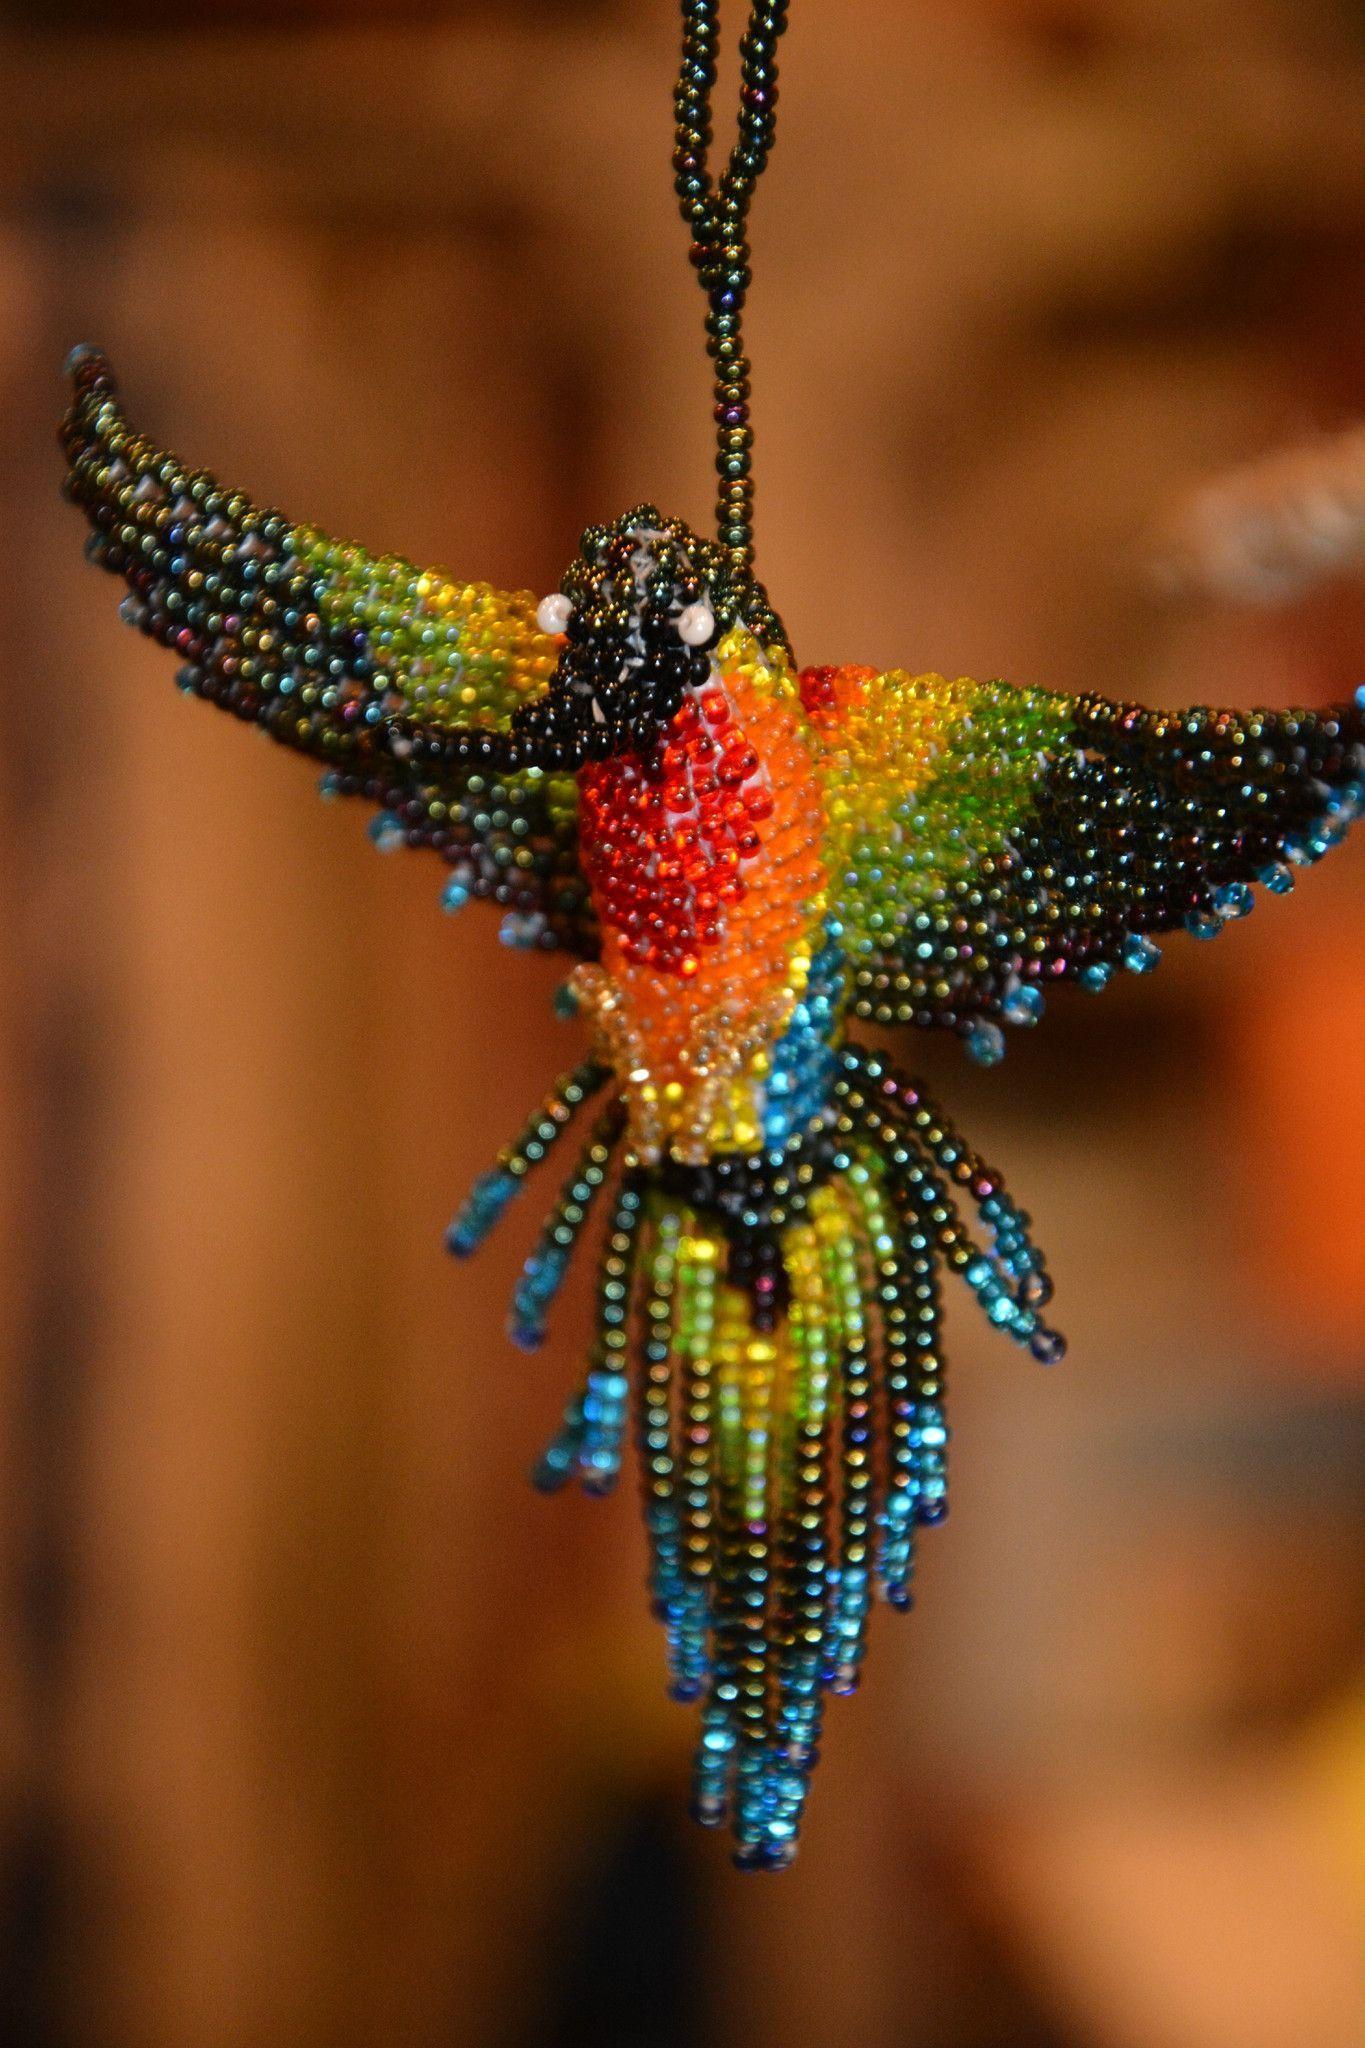 картинки колибри из бисера образом, короткая